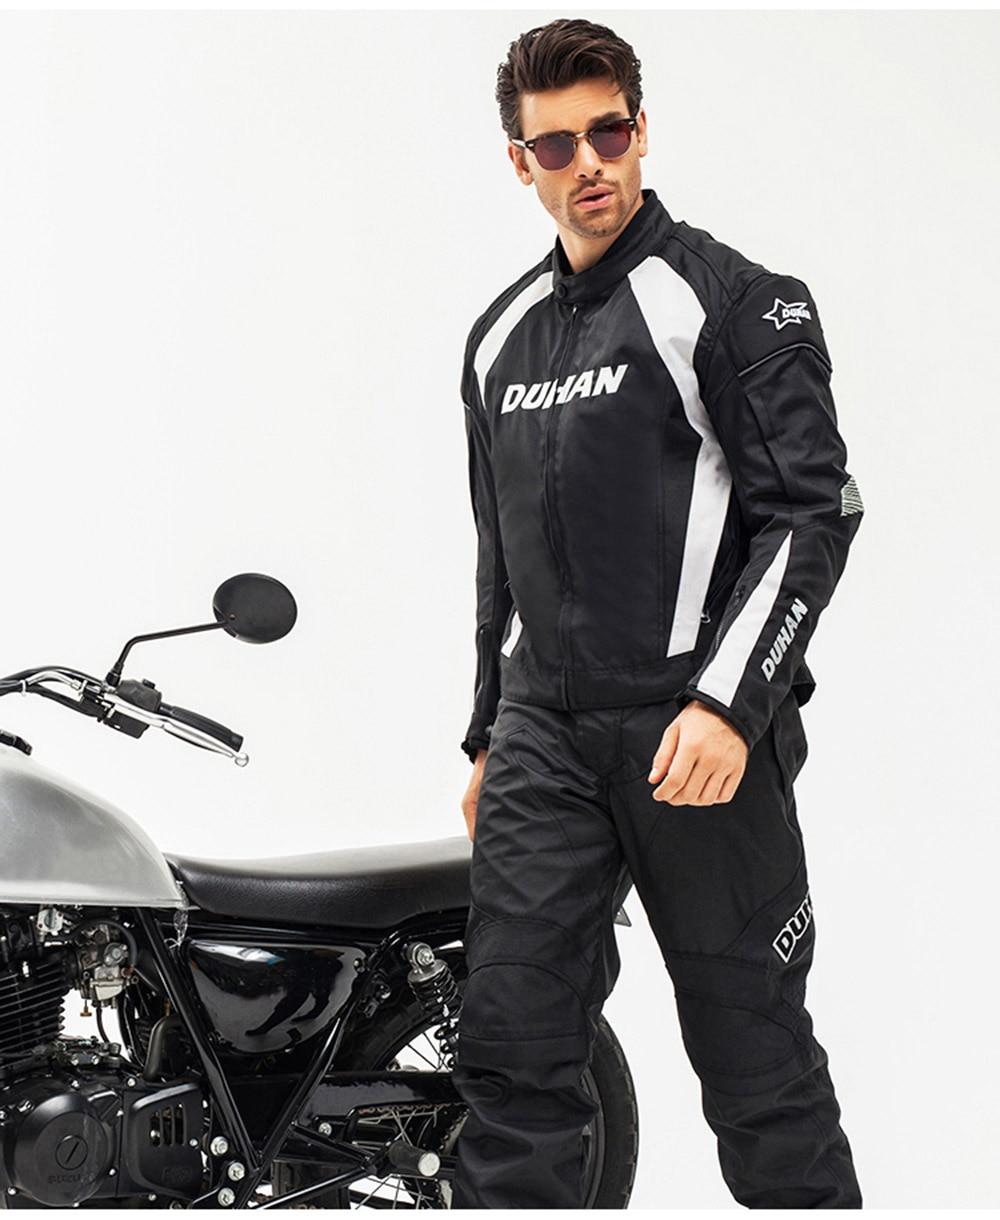 Großhandel Motorradjacke Männer Windundurchlässige Moto Motocross Jacke Bekleidung Protektoren Mit Fünf Schutz Schutz Motorrad Jack Von Carpooling,